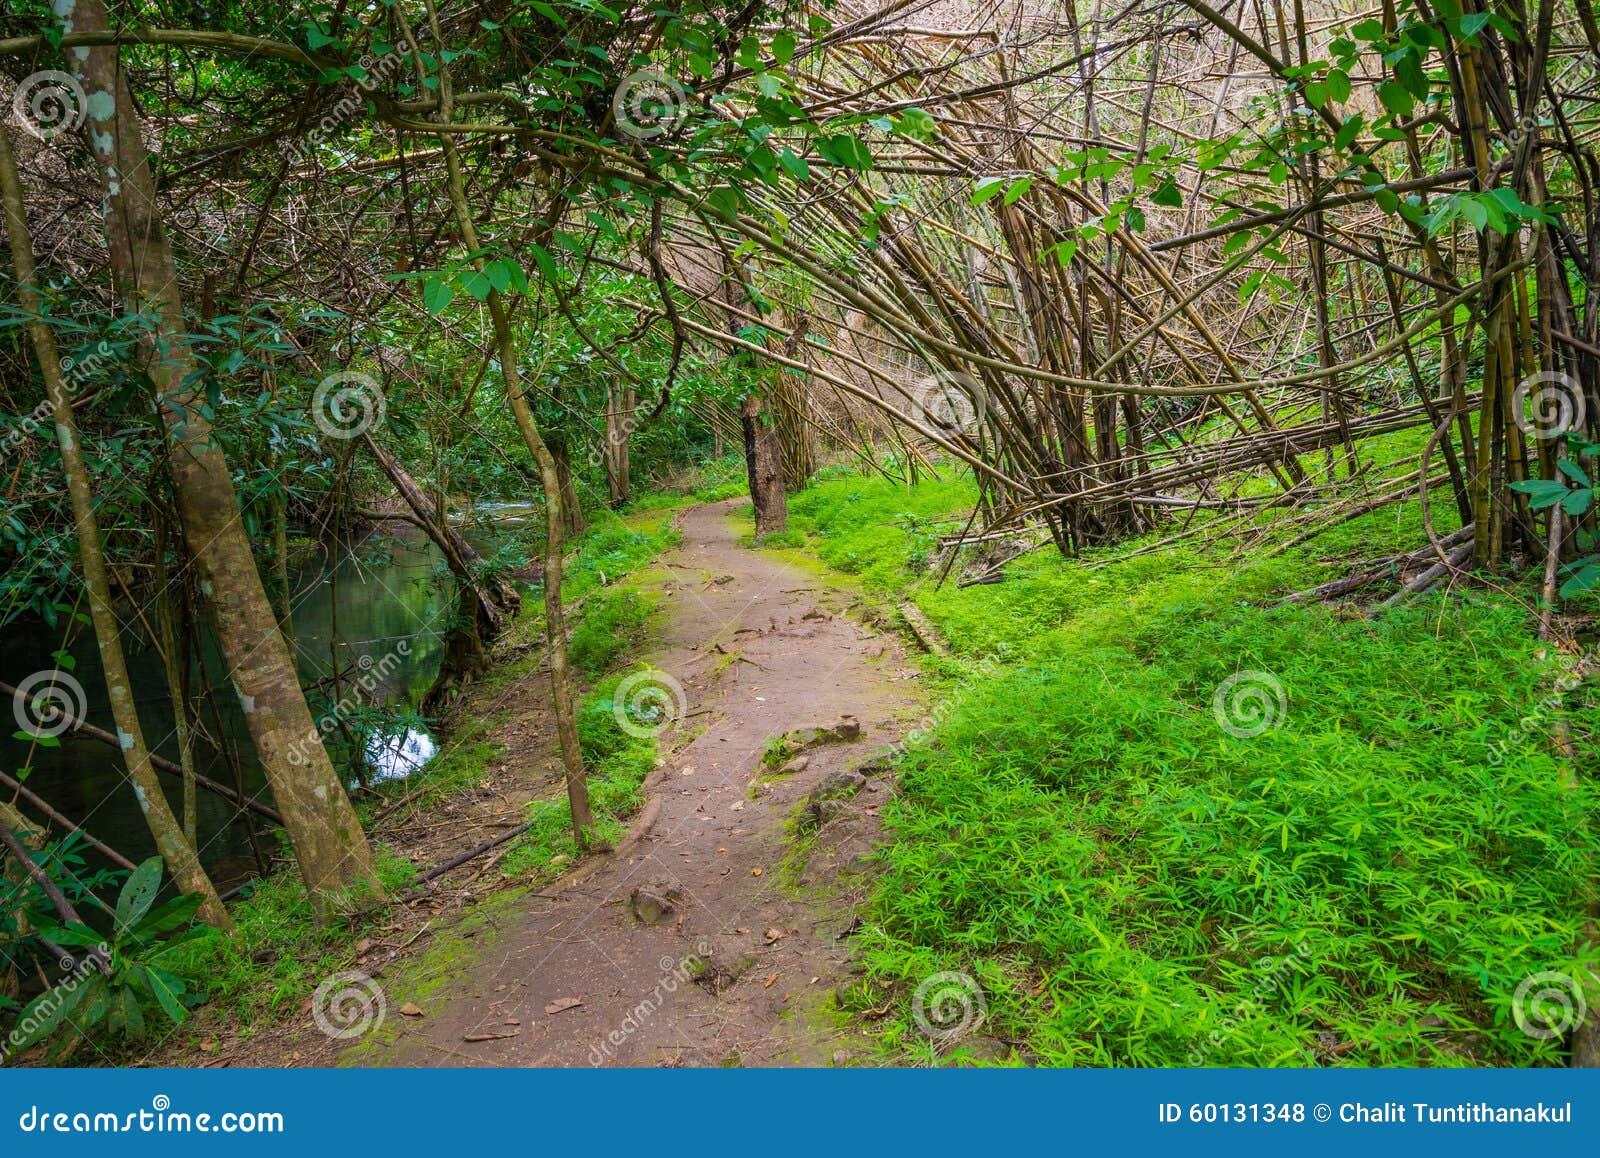 走的足迹在西部泰国热带森林里.图片